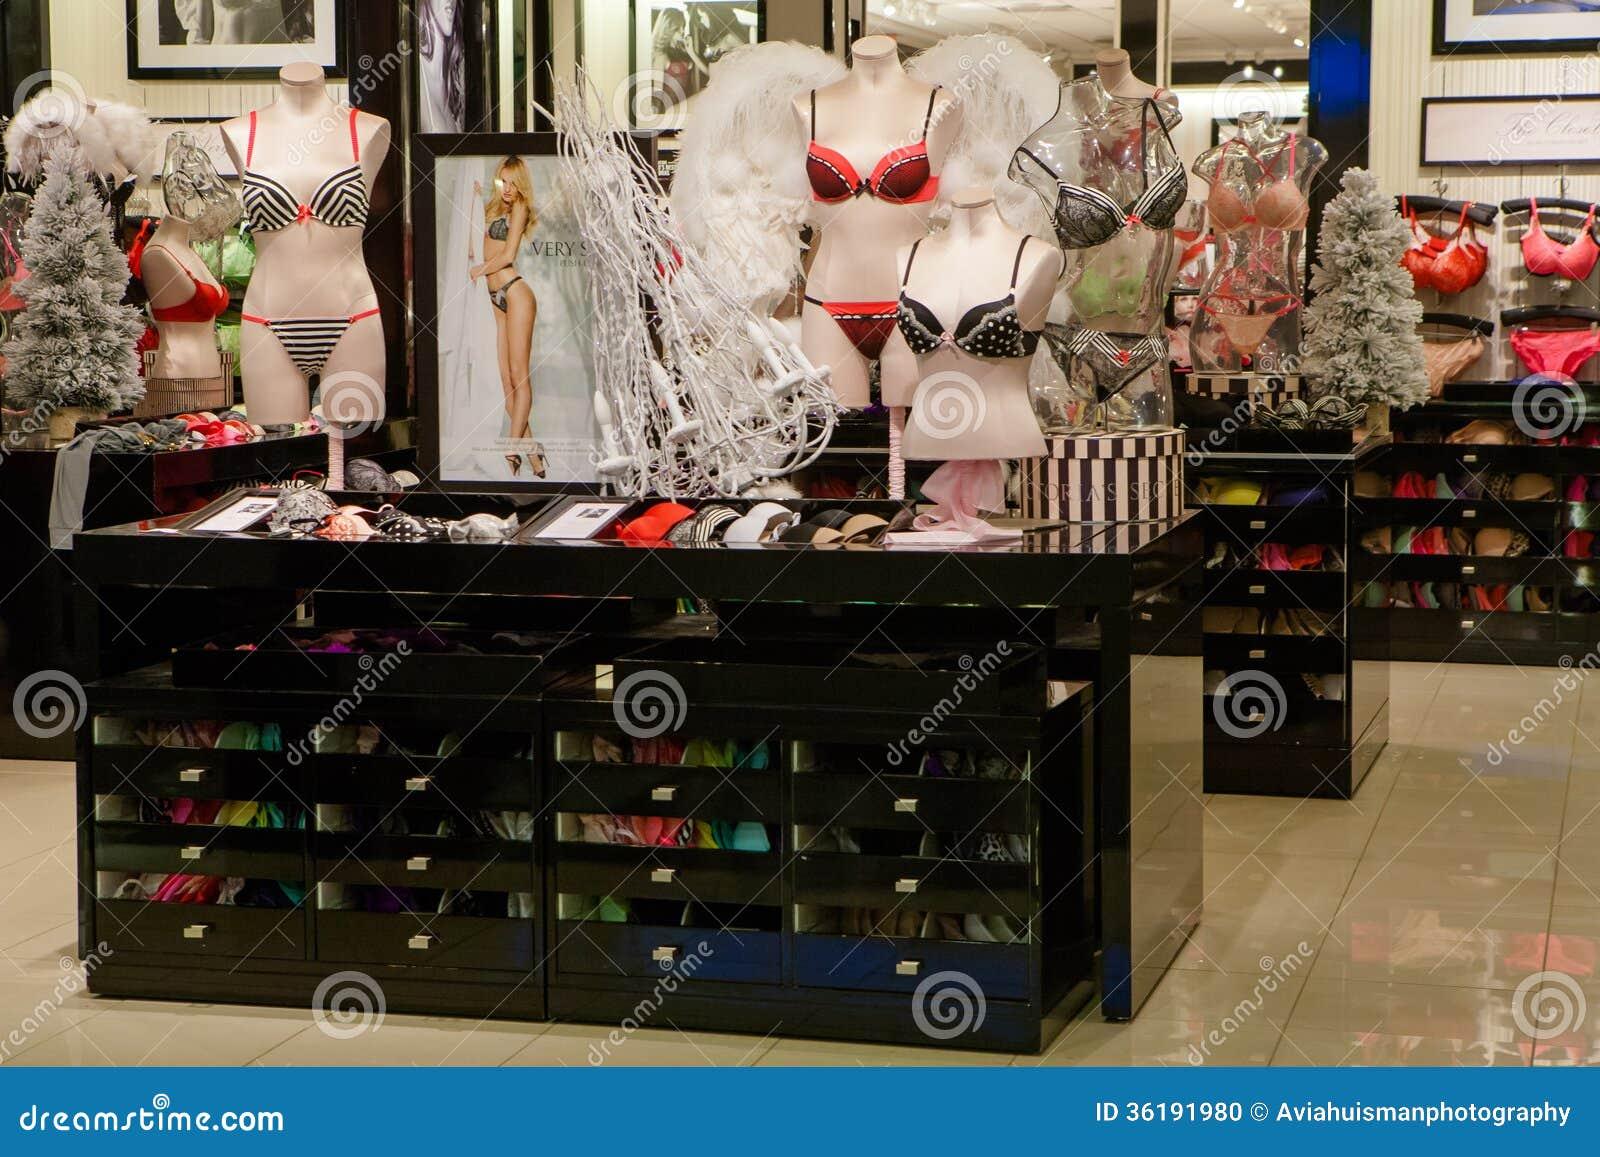 e8ea267459 Uma loja da roupa interior de Victoria s Secret em um shopping. Estas lojas  são populares e levam artigos tais como o perfume